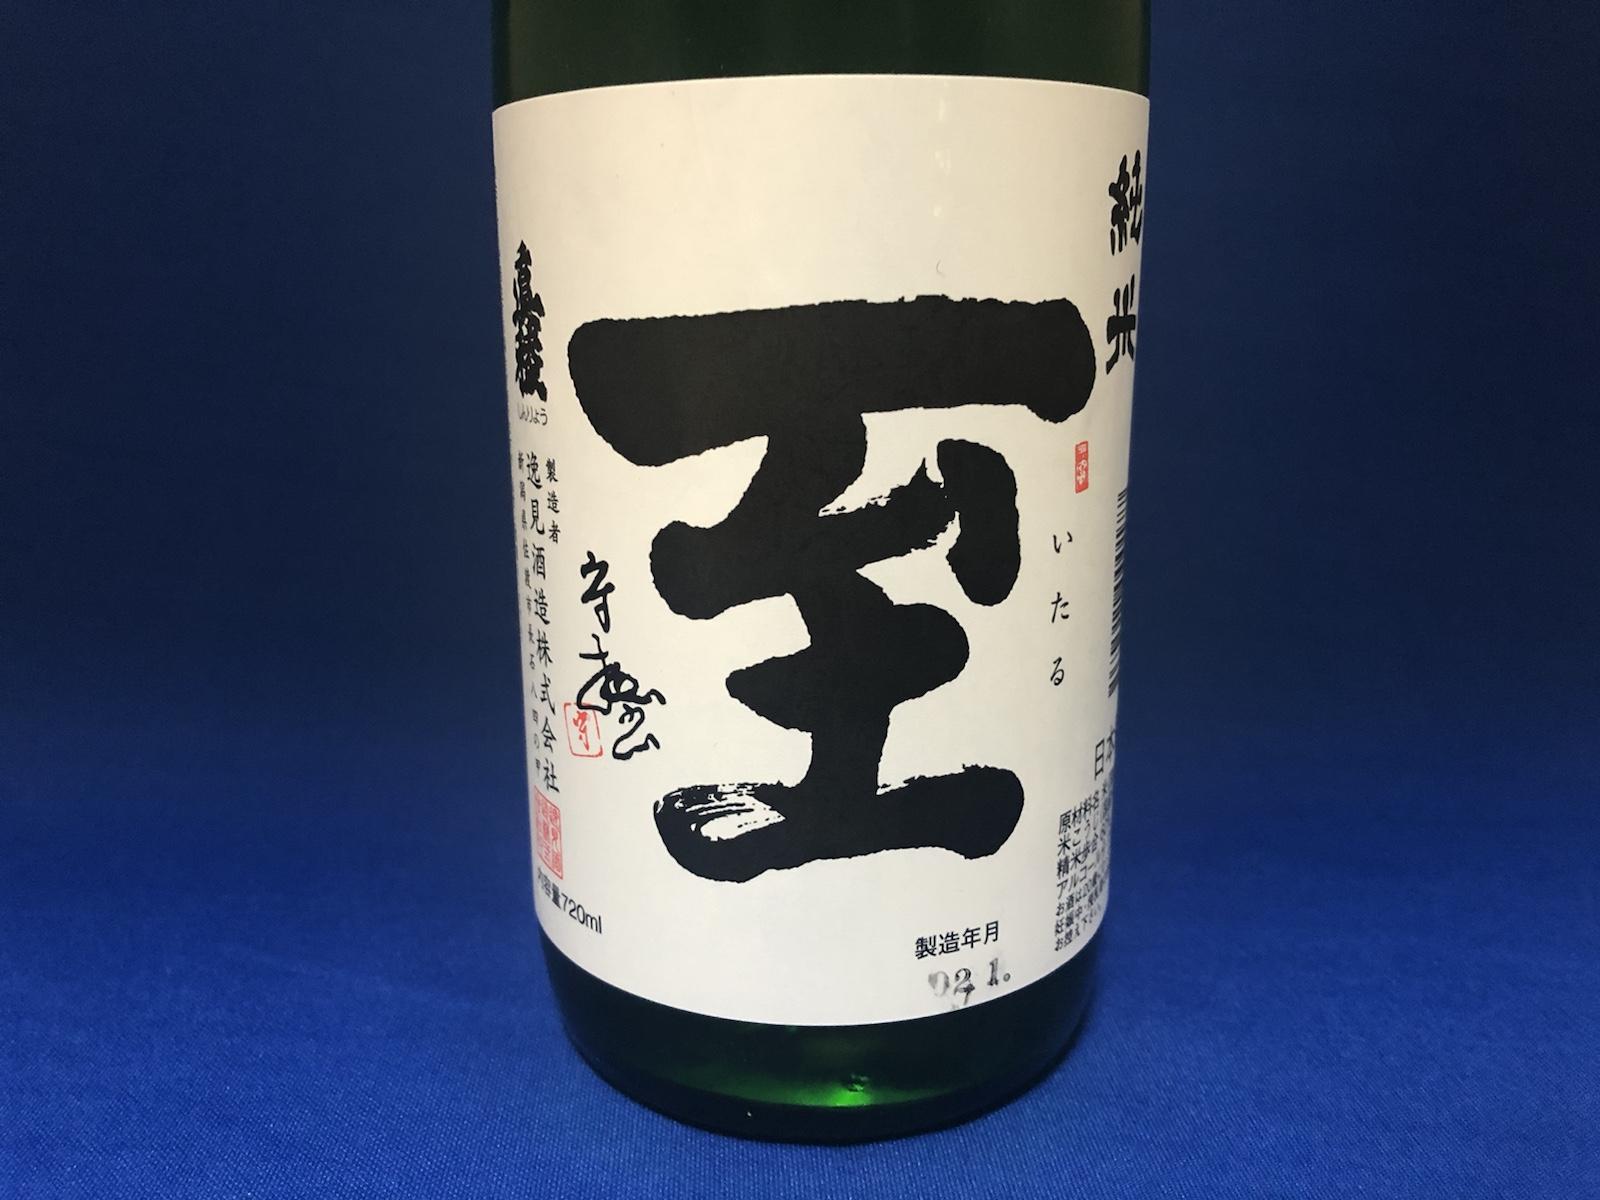 「至」純米生酒 佐渡で一番小さな蔵元が醸す素顔の美酒